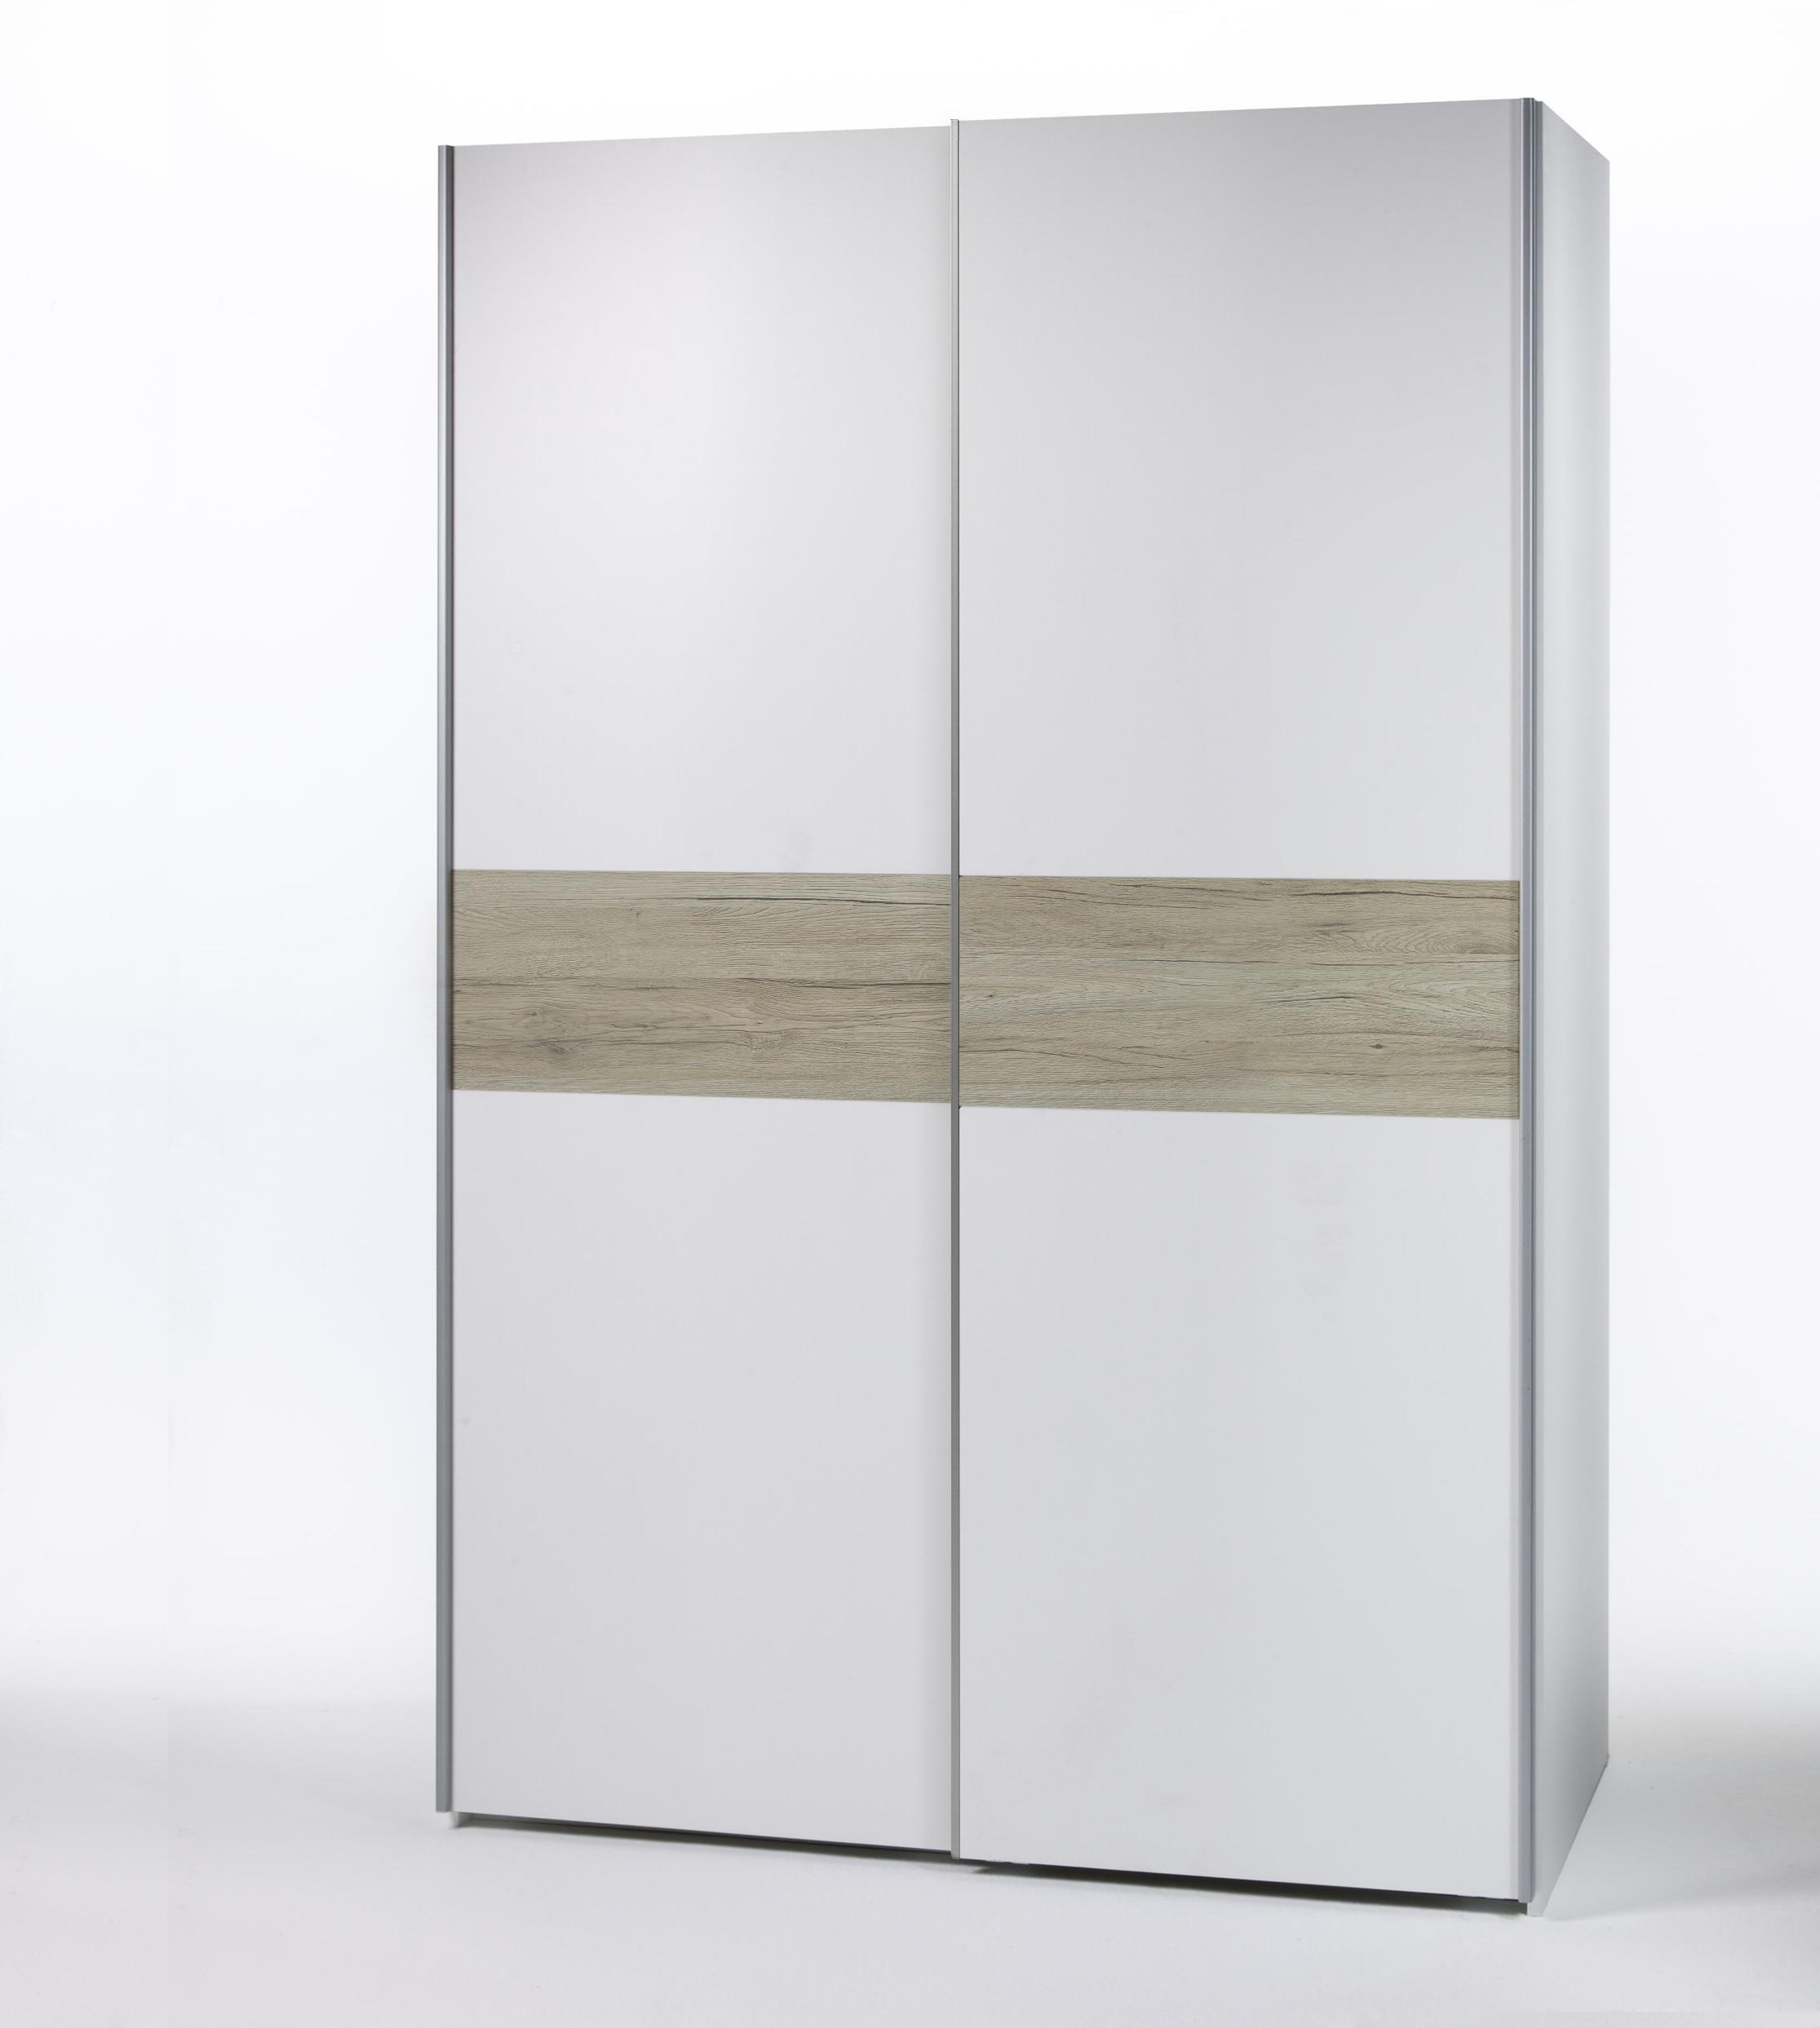 schwebet renschrank victor 1 kleiderschrank schrank wei mit bauchbinde san remo ebay. Black Bedroom Furniture Sets. Home Design Ideas